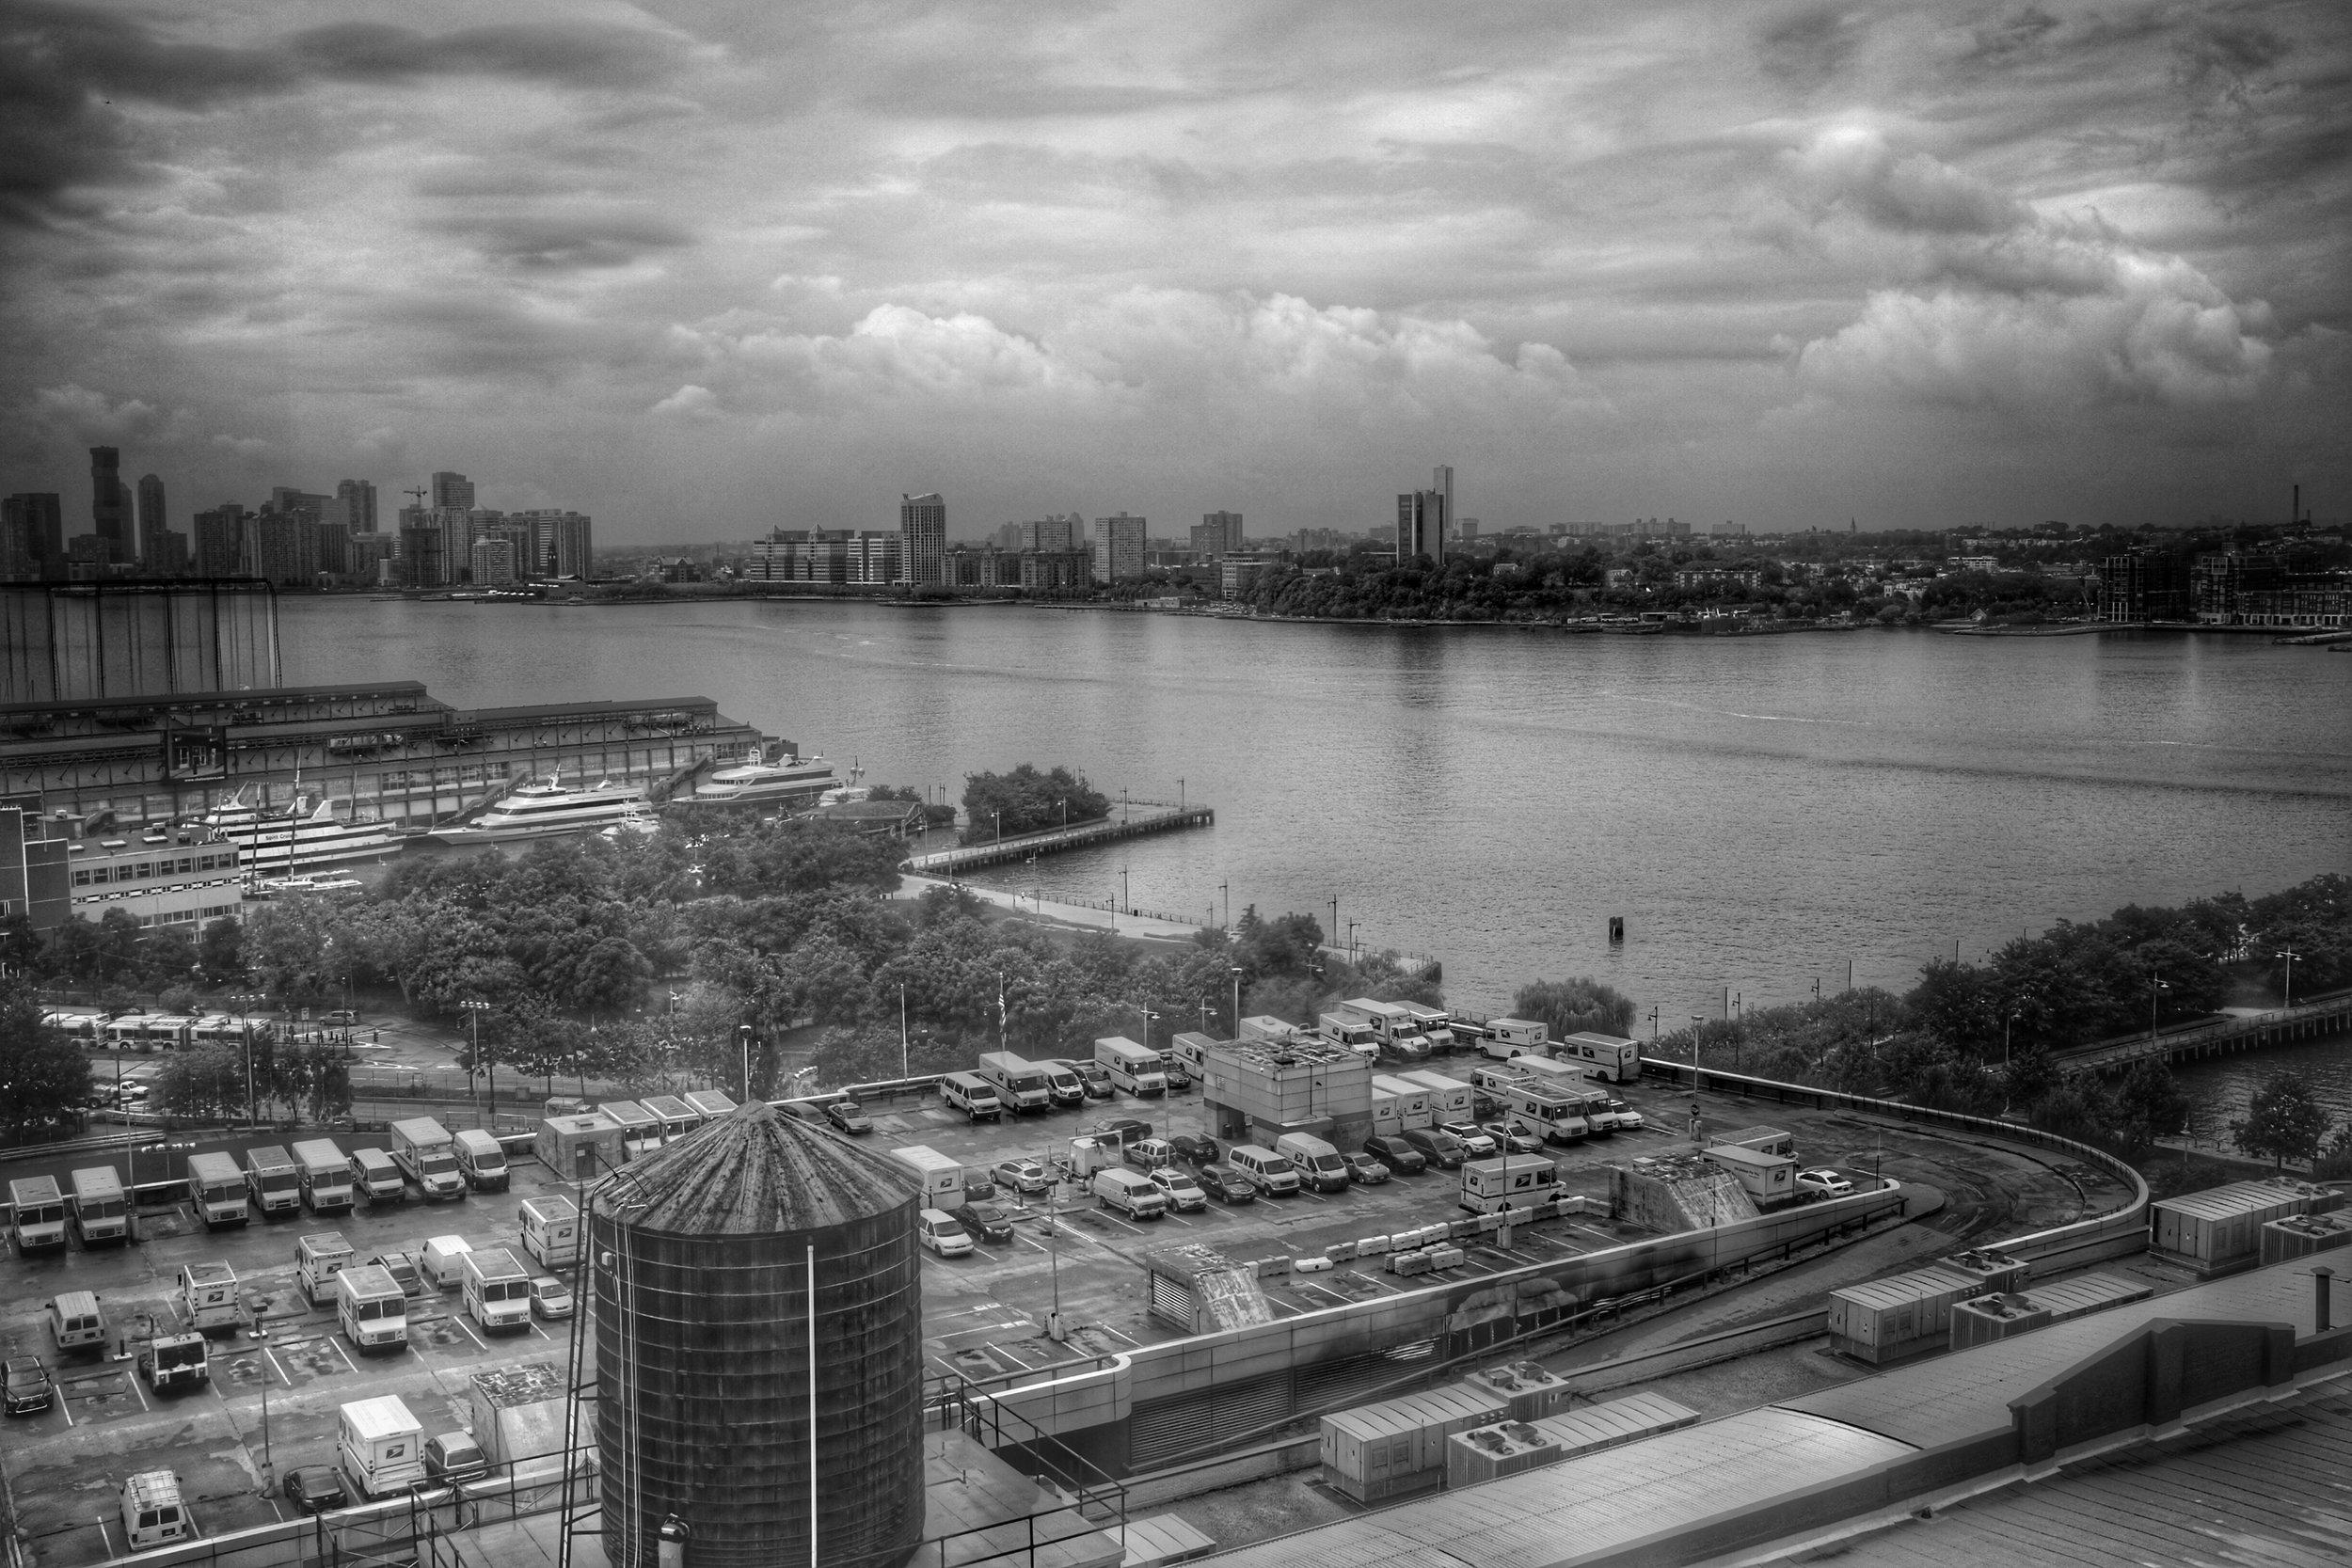 Hudson River. Hudson Studios. Chelsea. New York City. 2016.